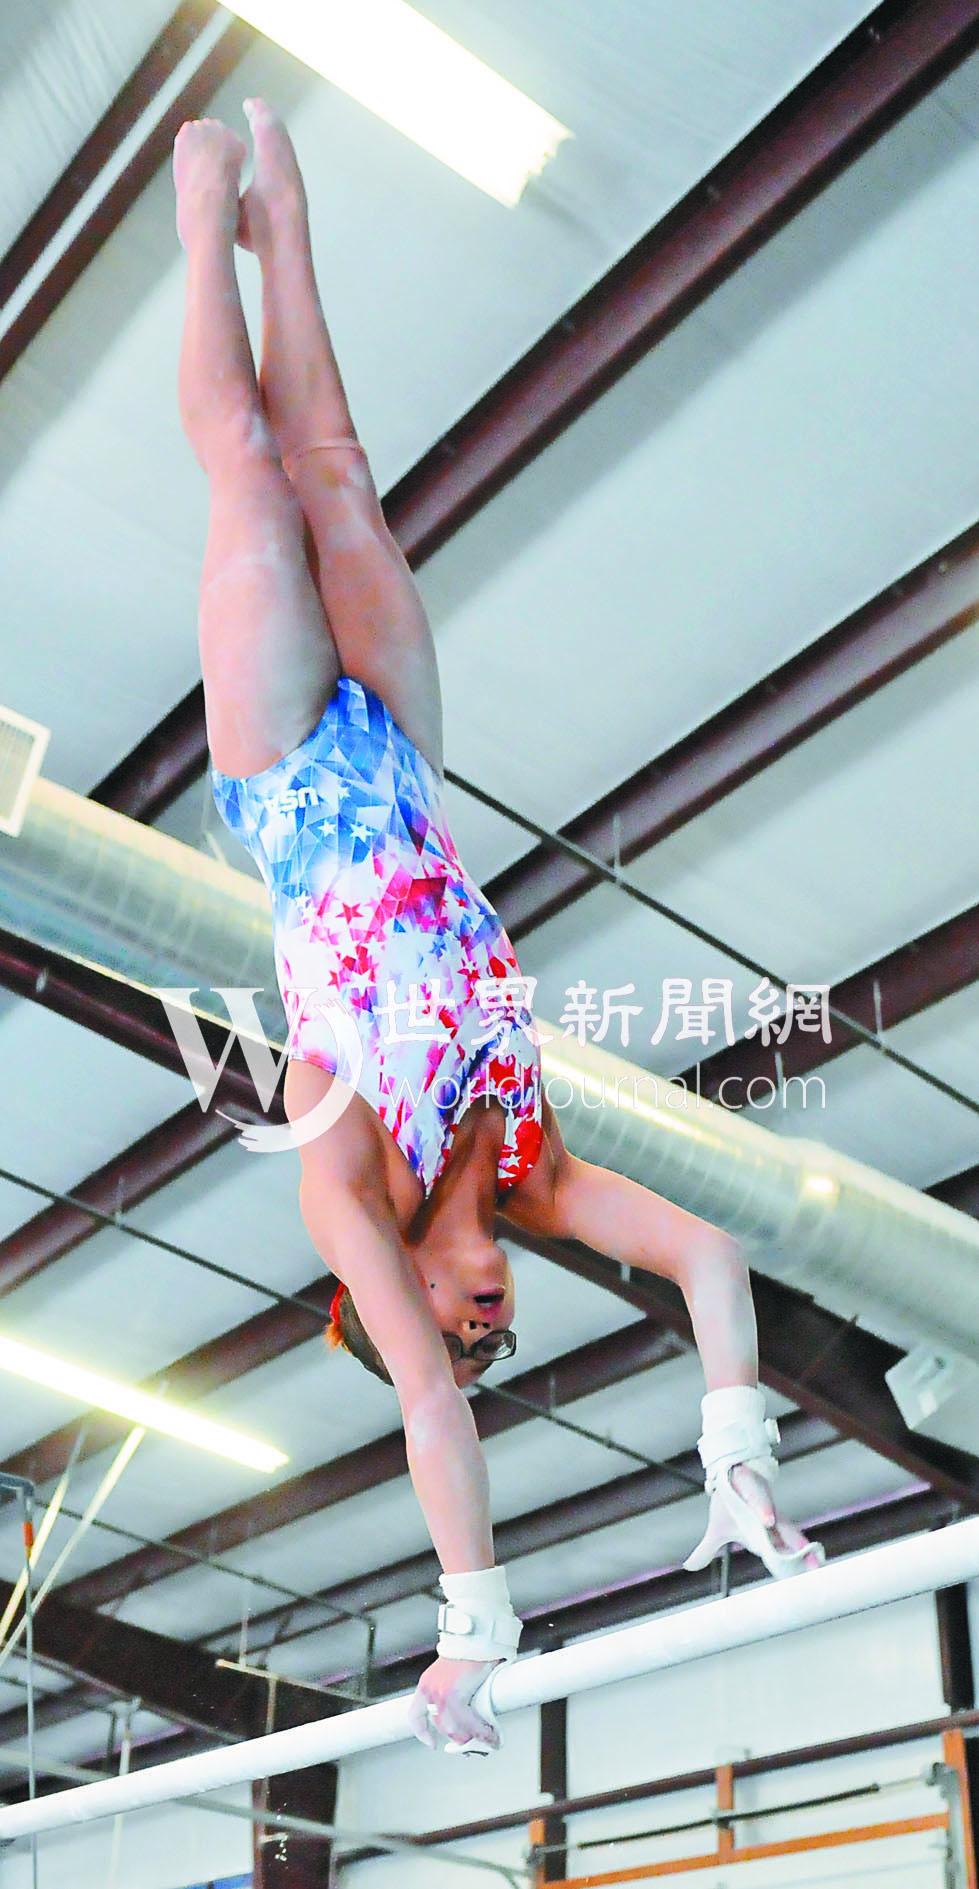 吳穎思 (Morgan Hurd)練習高低槓時做一些高難度旋轉動作。(記者許振輝/攝影)